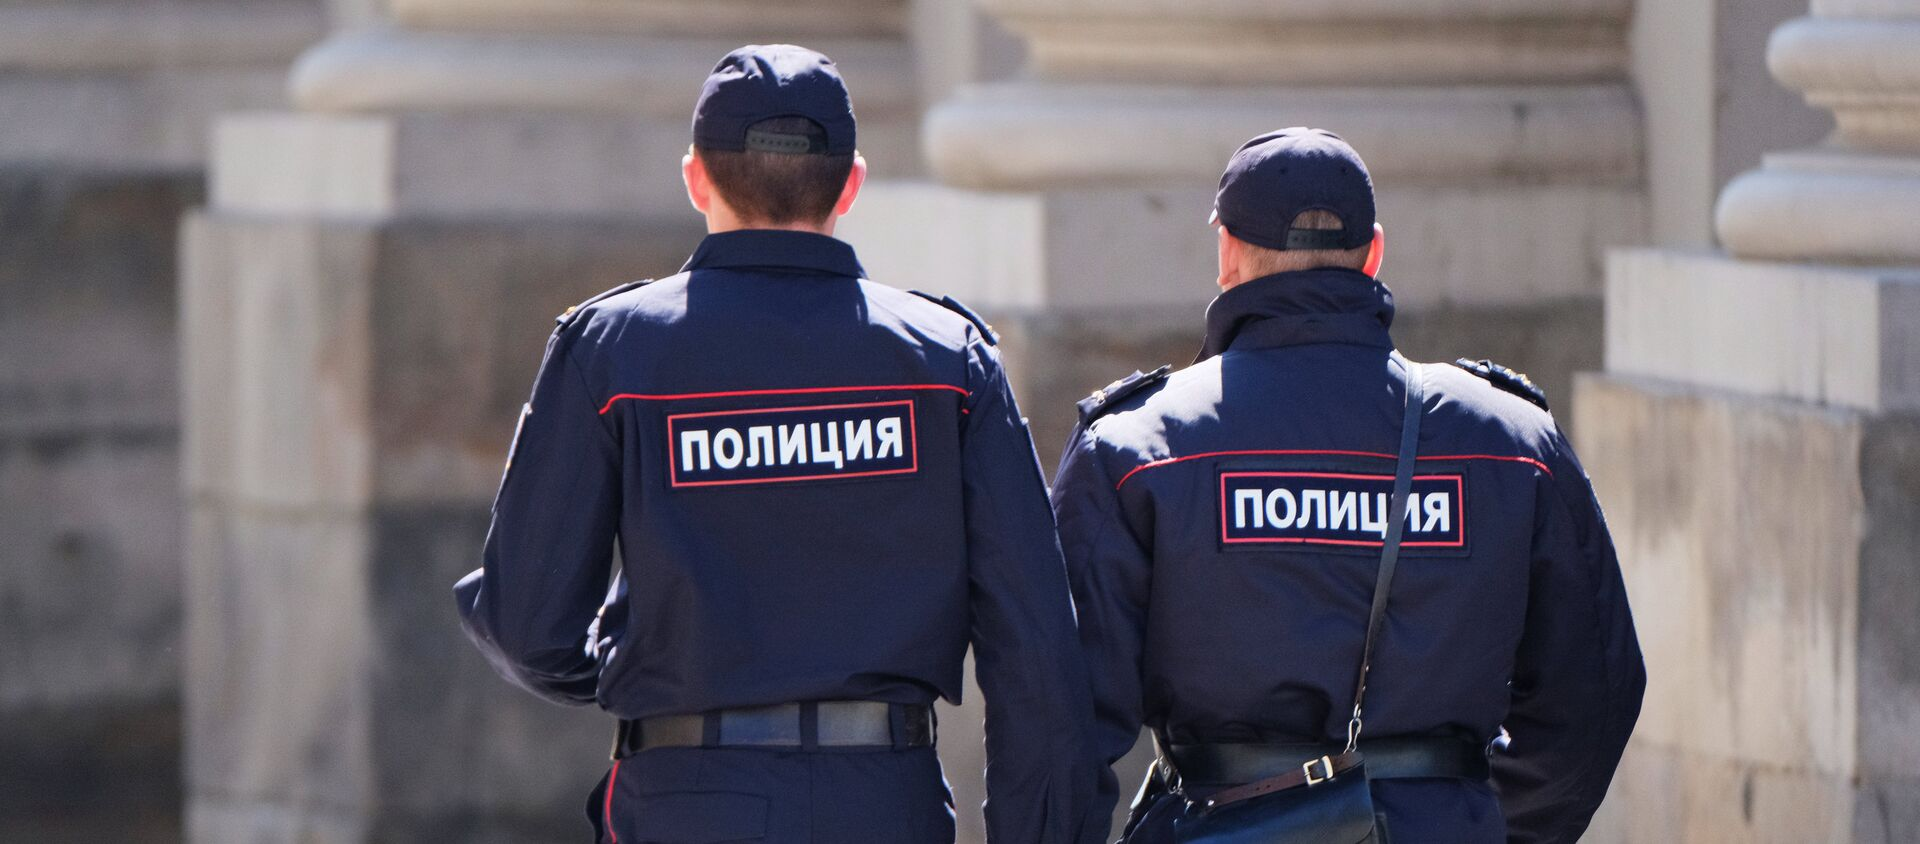 Полиция - Sputnik Южная Осетия, 1920, 07.10.2021